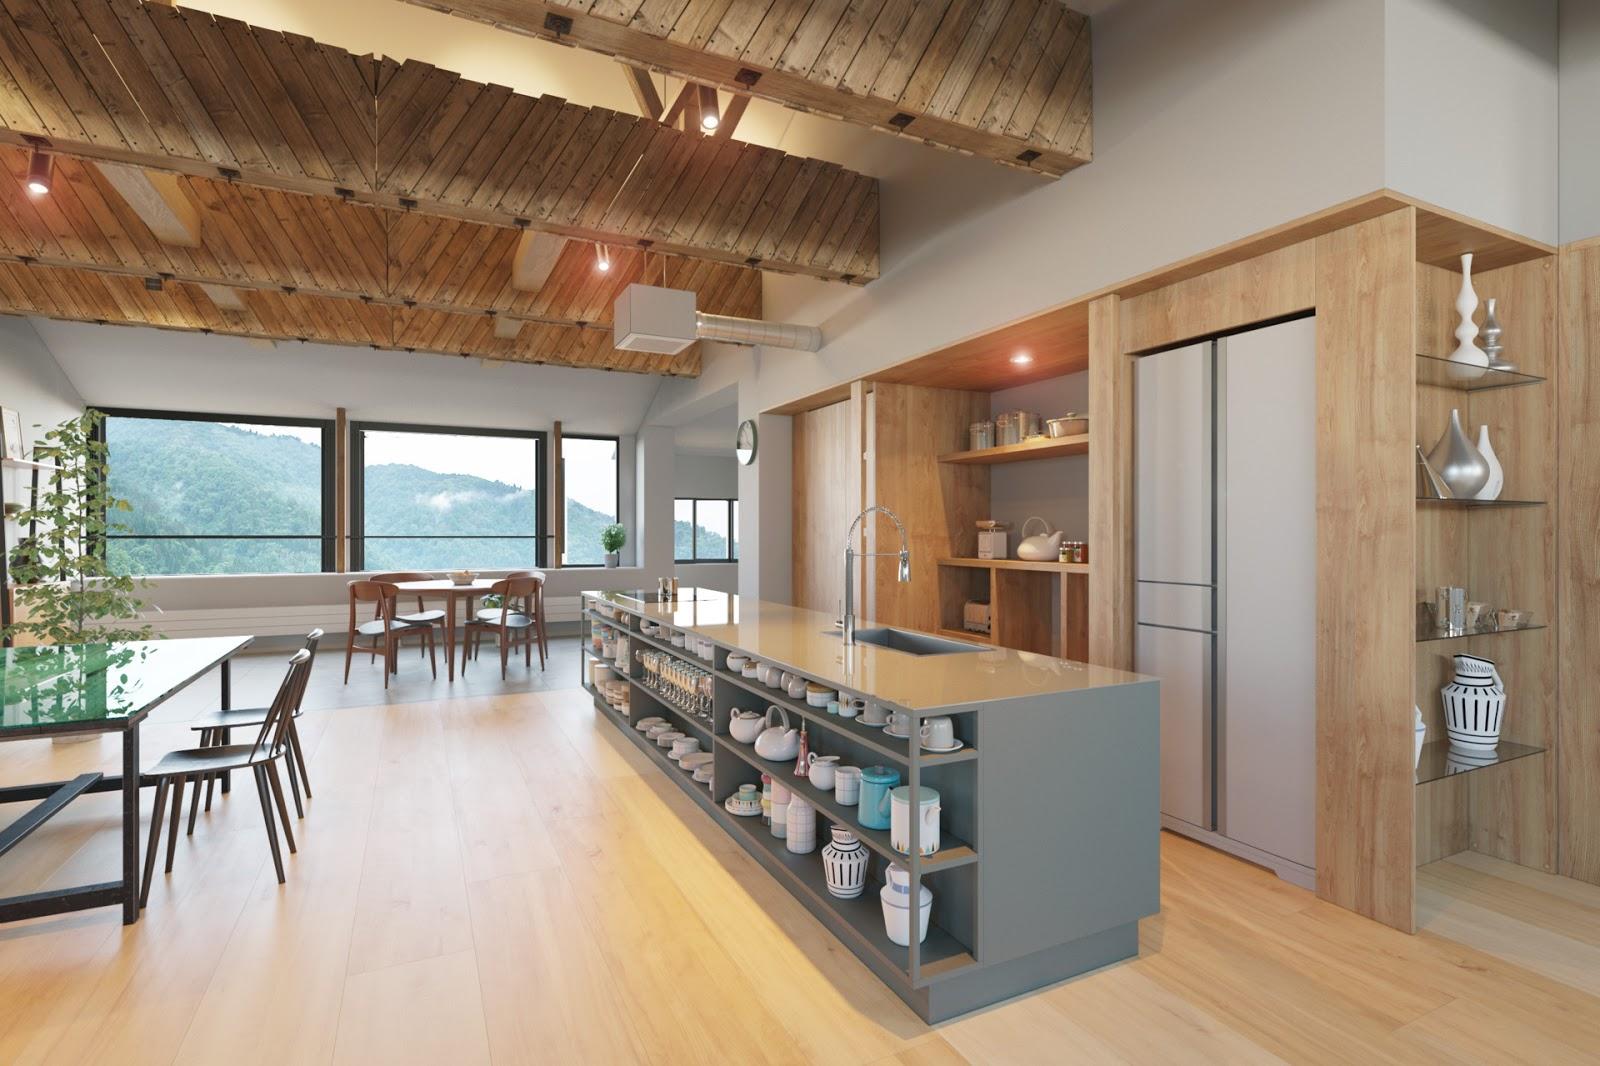 Đá và gỗ là 2 loại nguyên vật liệu chính trong phong cách này